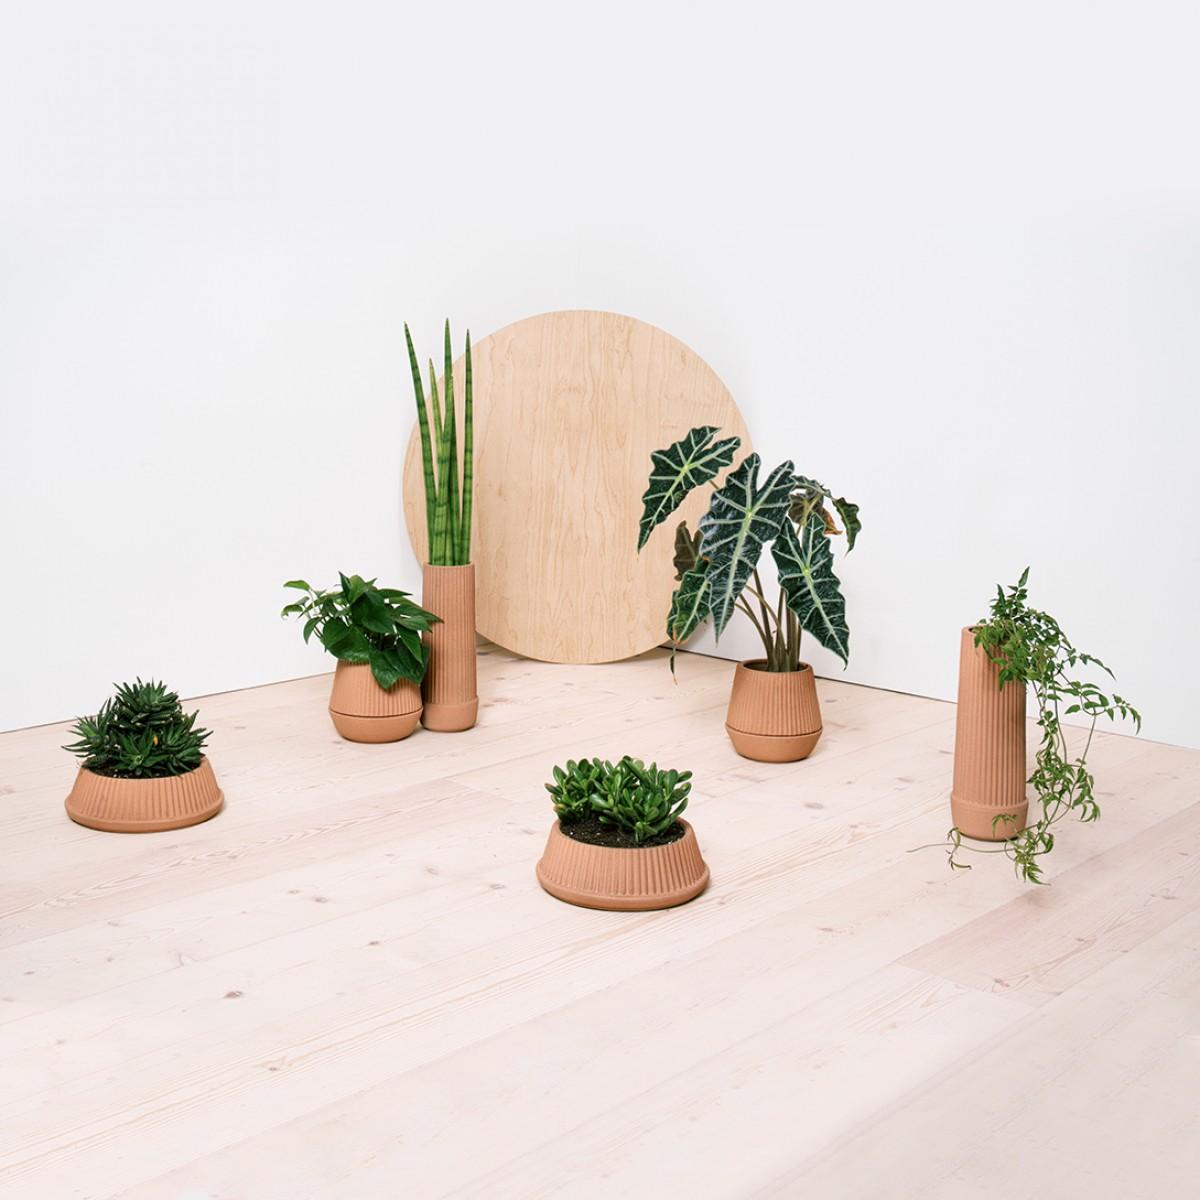 us2015-pleated-planters-group-argb.jpg